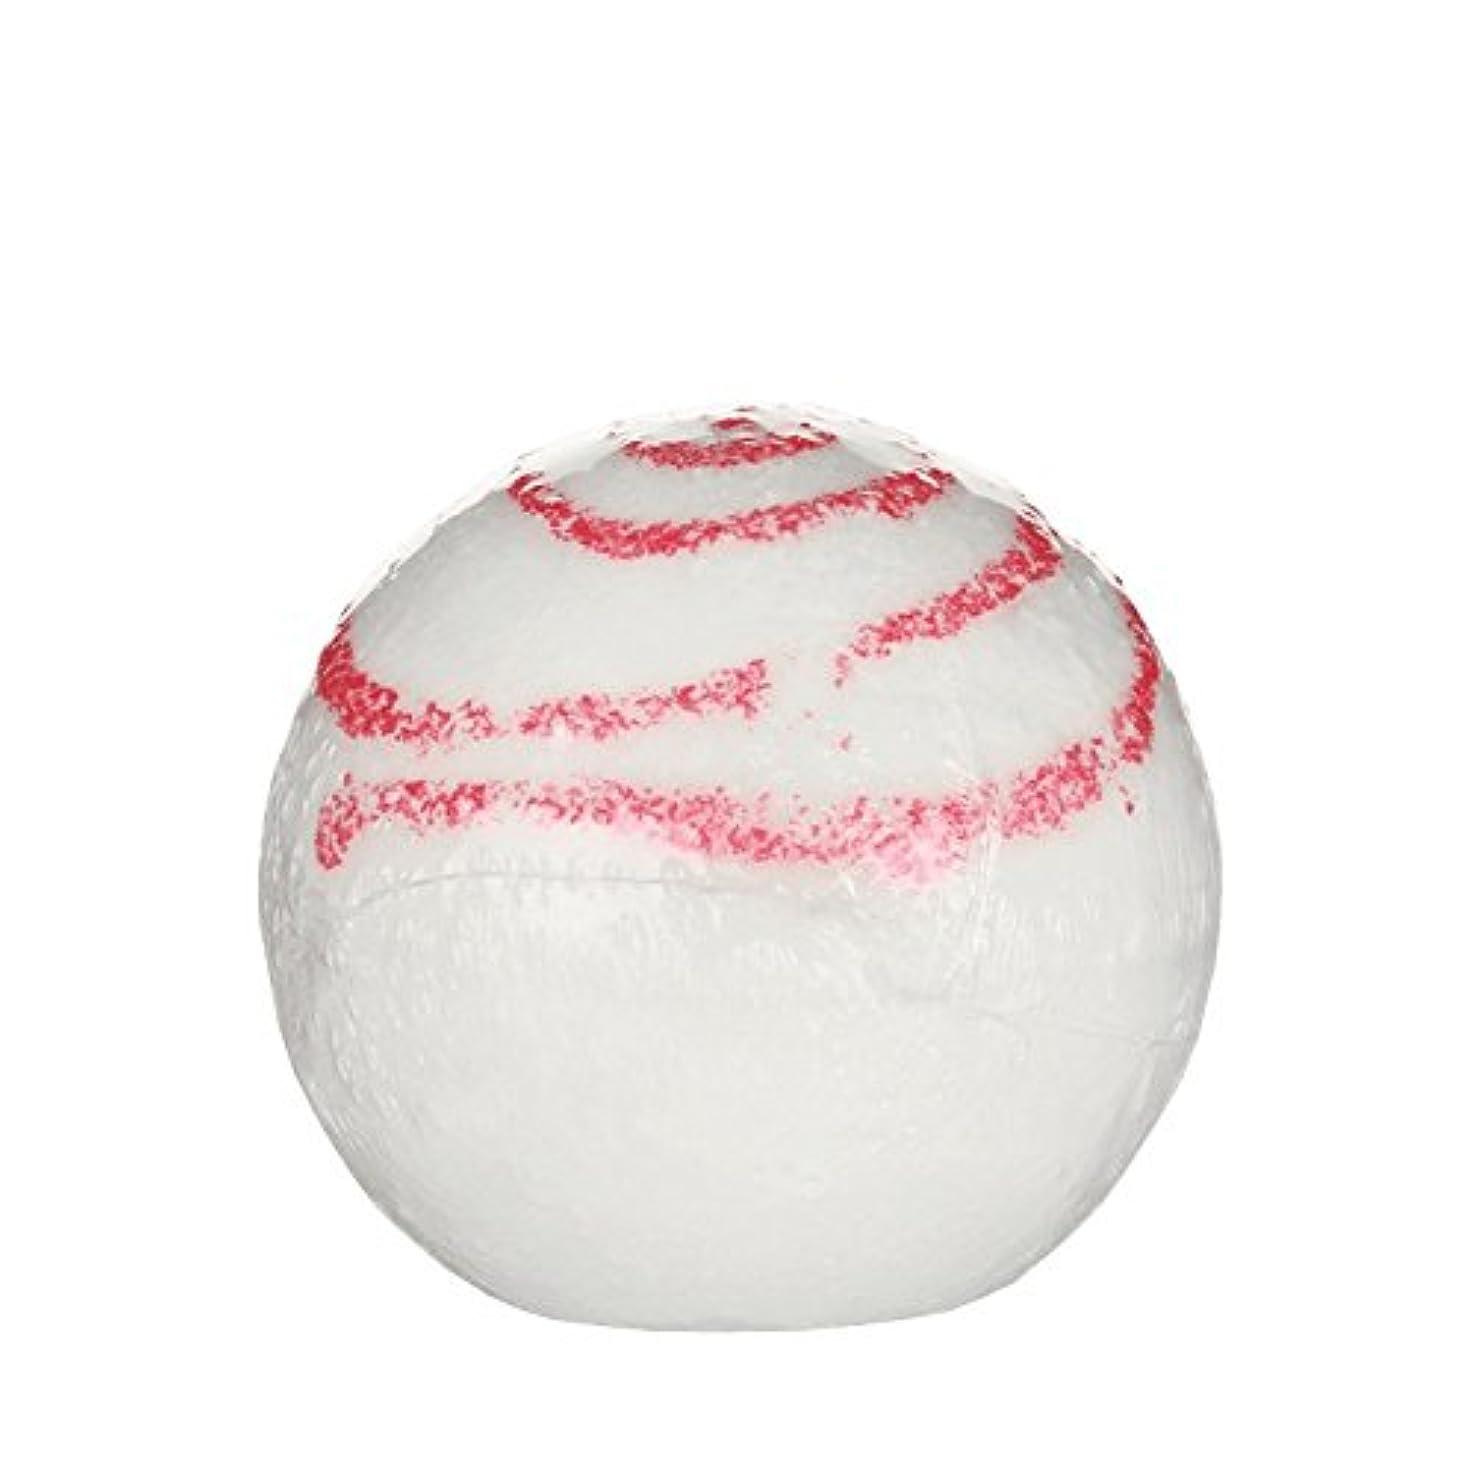 考える抗議ウールTreetsバスボールグリッターキス170グラム - Treets Bath Ball Glitter Kiss 170g (Treets) [並行輸入品]